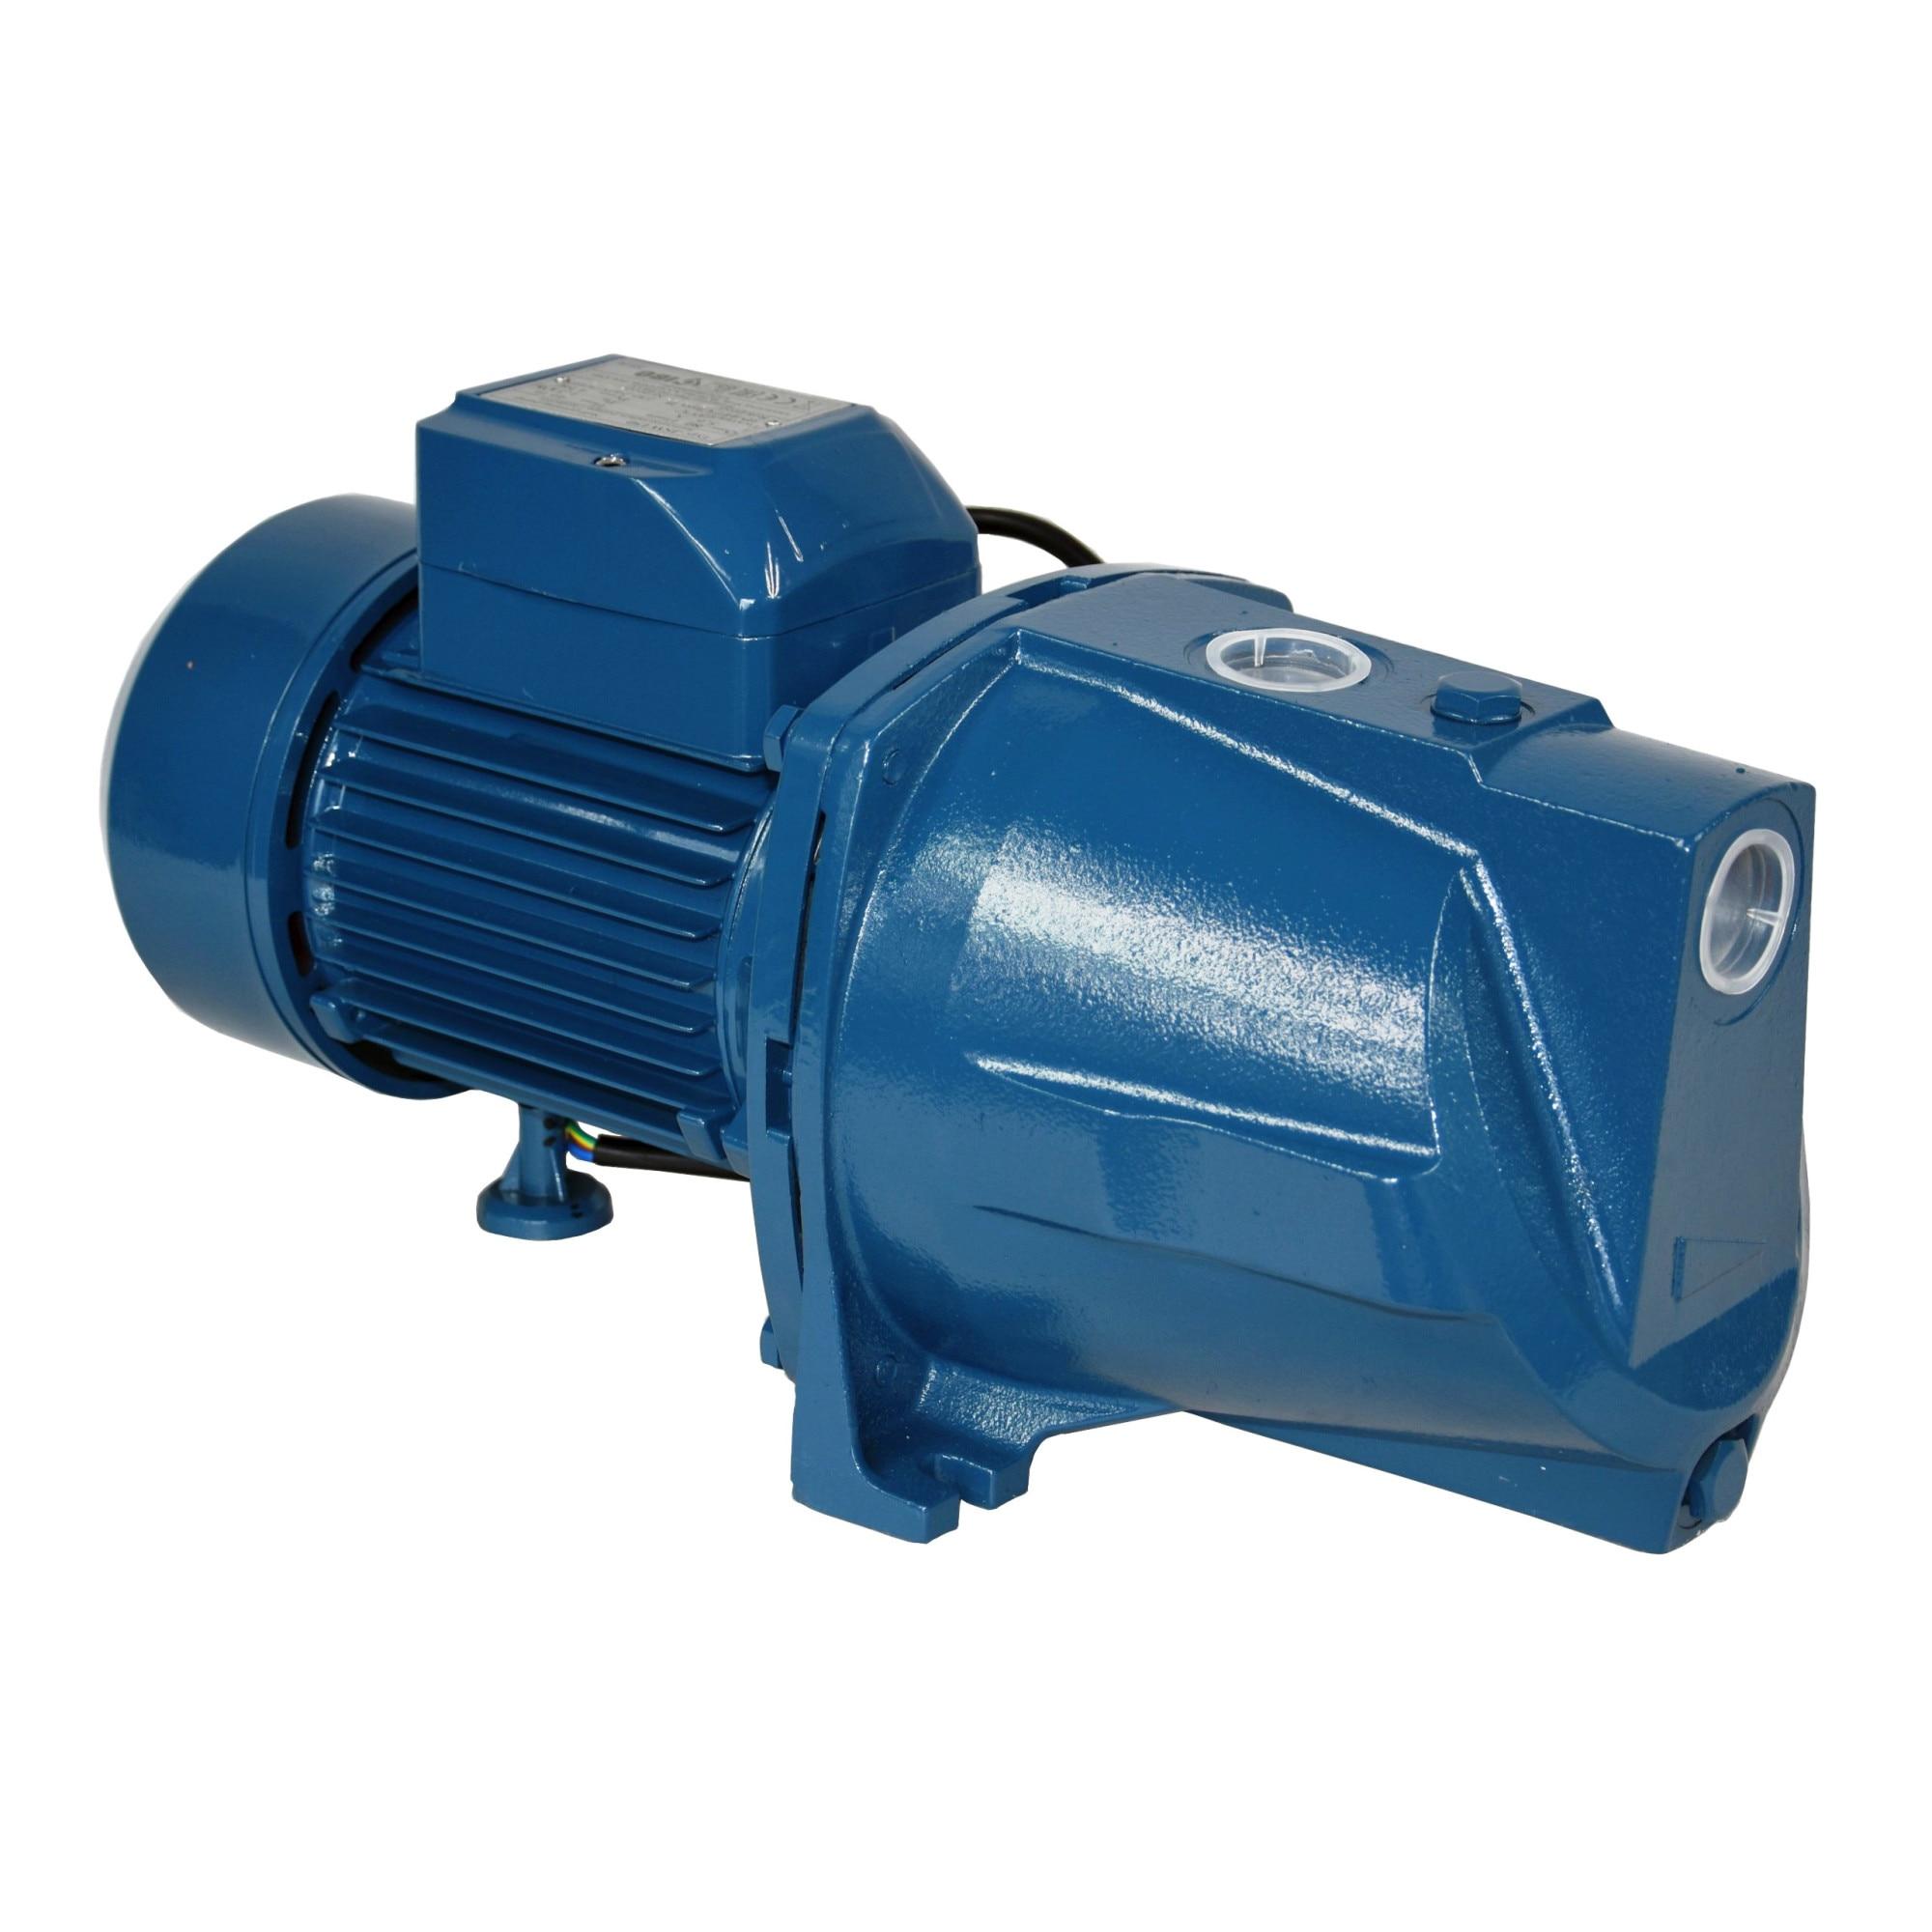 Fotografie Pompa apa curata de suprafata Ibo Dambat IB010003, 1800 W, 230 V, 100 l/min, 53 m inaltime refulare, 8 m adancime absorbtie